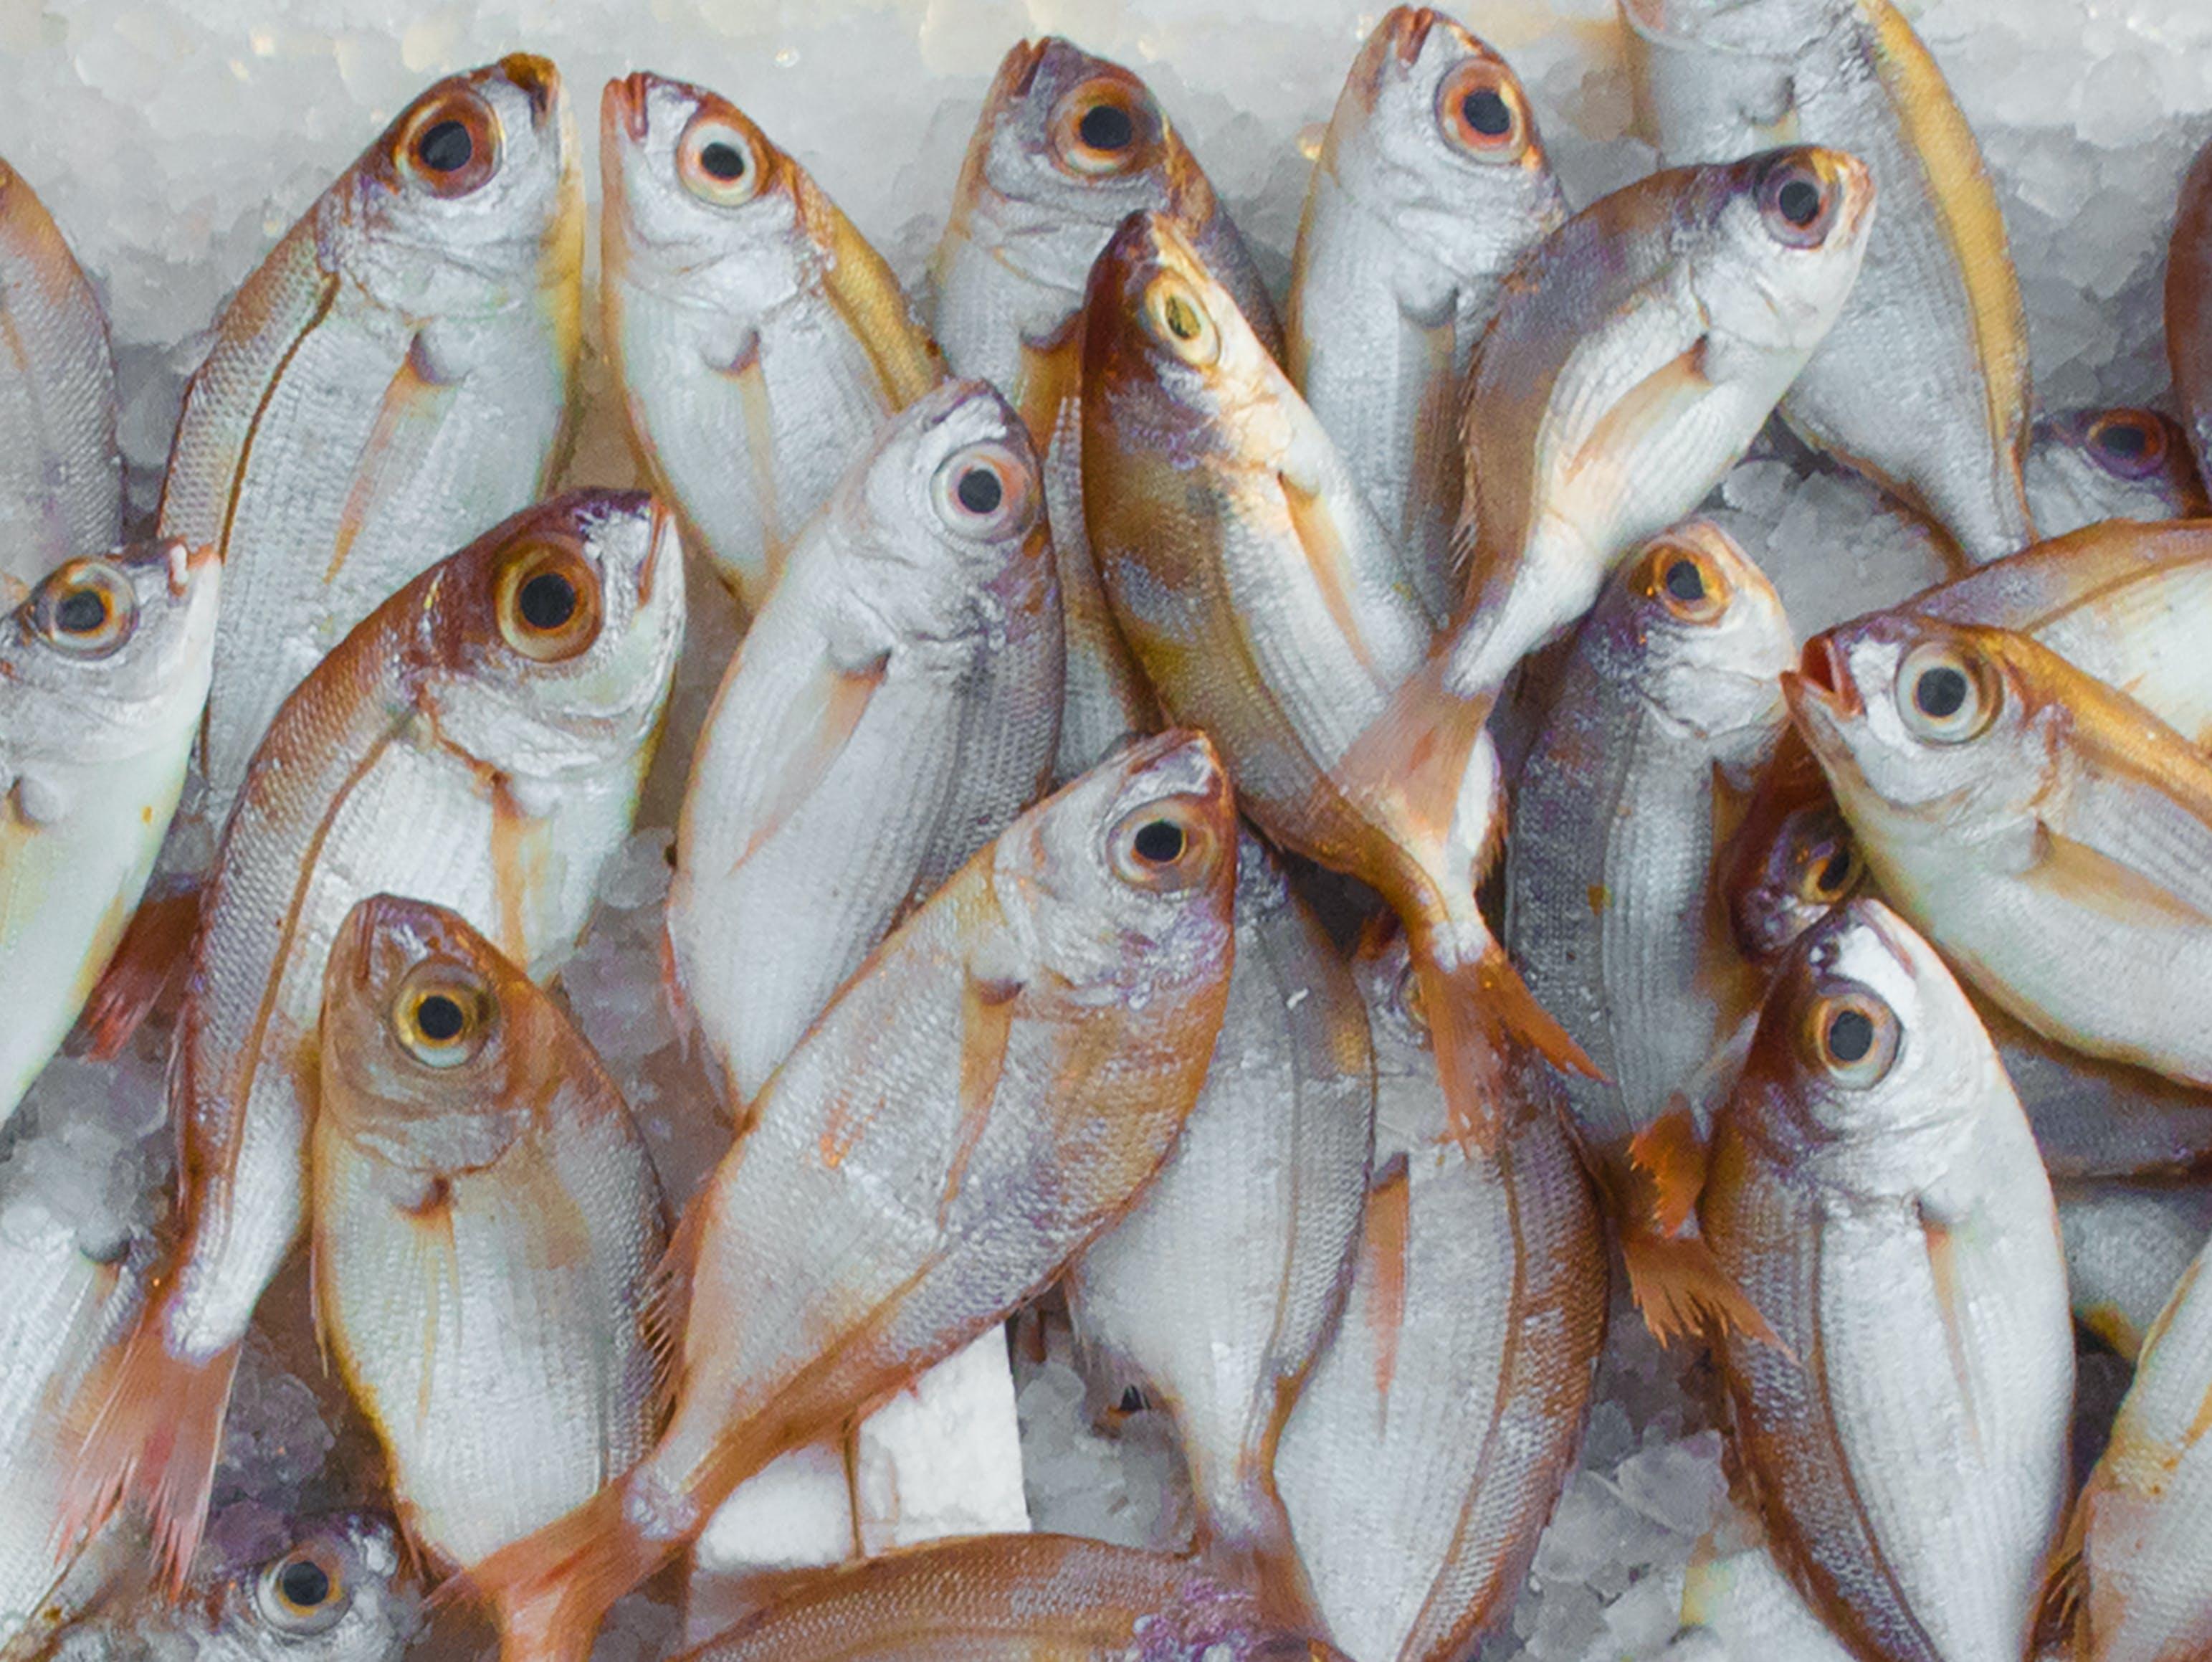 Gratis lagerfoto af aktie, fisk, fisk og skaldyr, fiskemarked